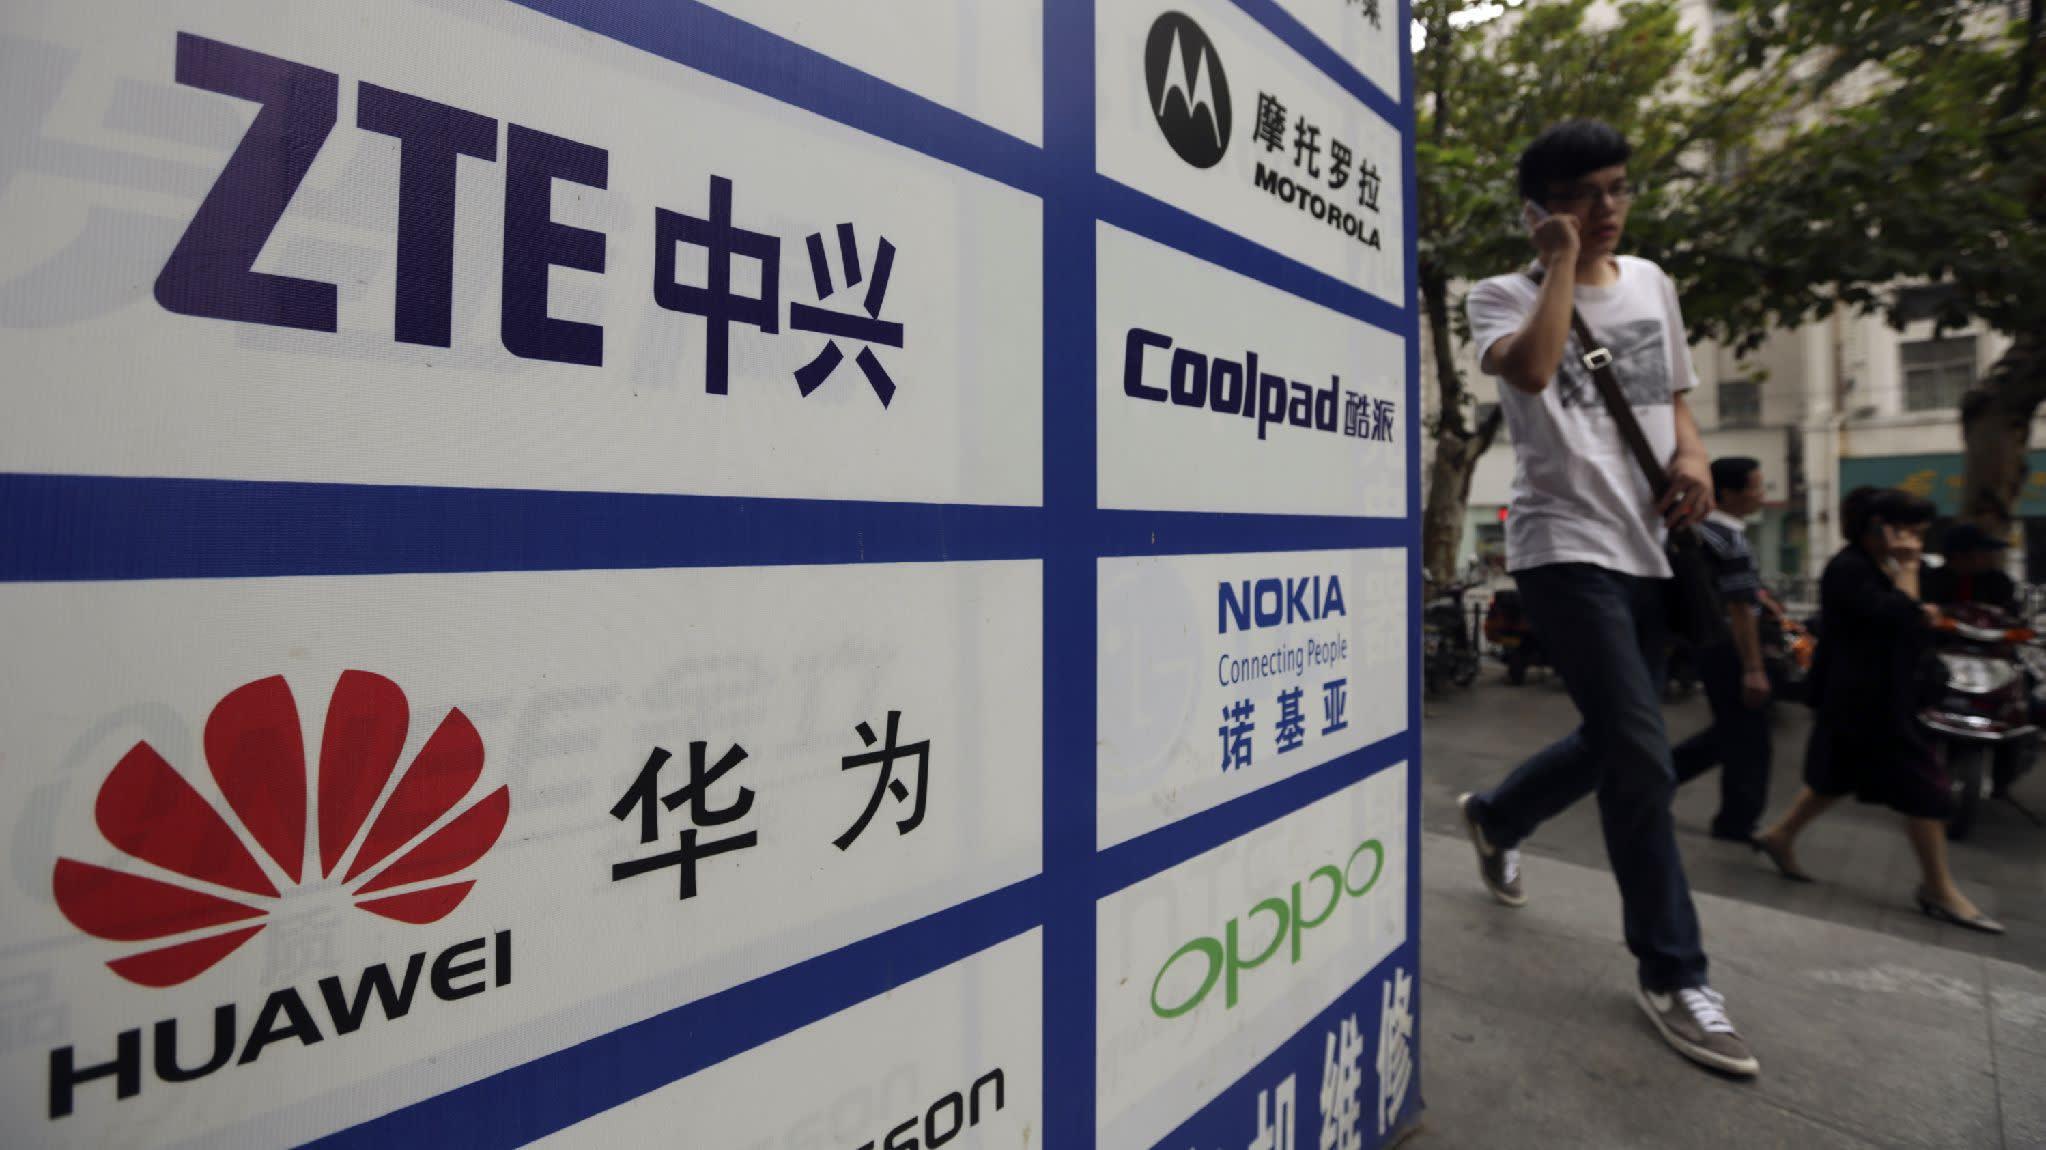 Quốc hội phê duyệt 1 tỷ mỹ kim để giúp các công ty viễn thông nông thôn từ bỏ Huawei và ZTE